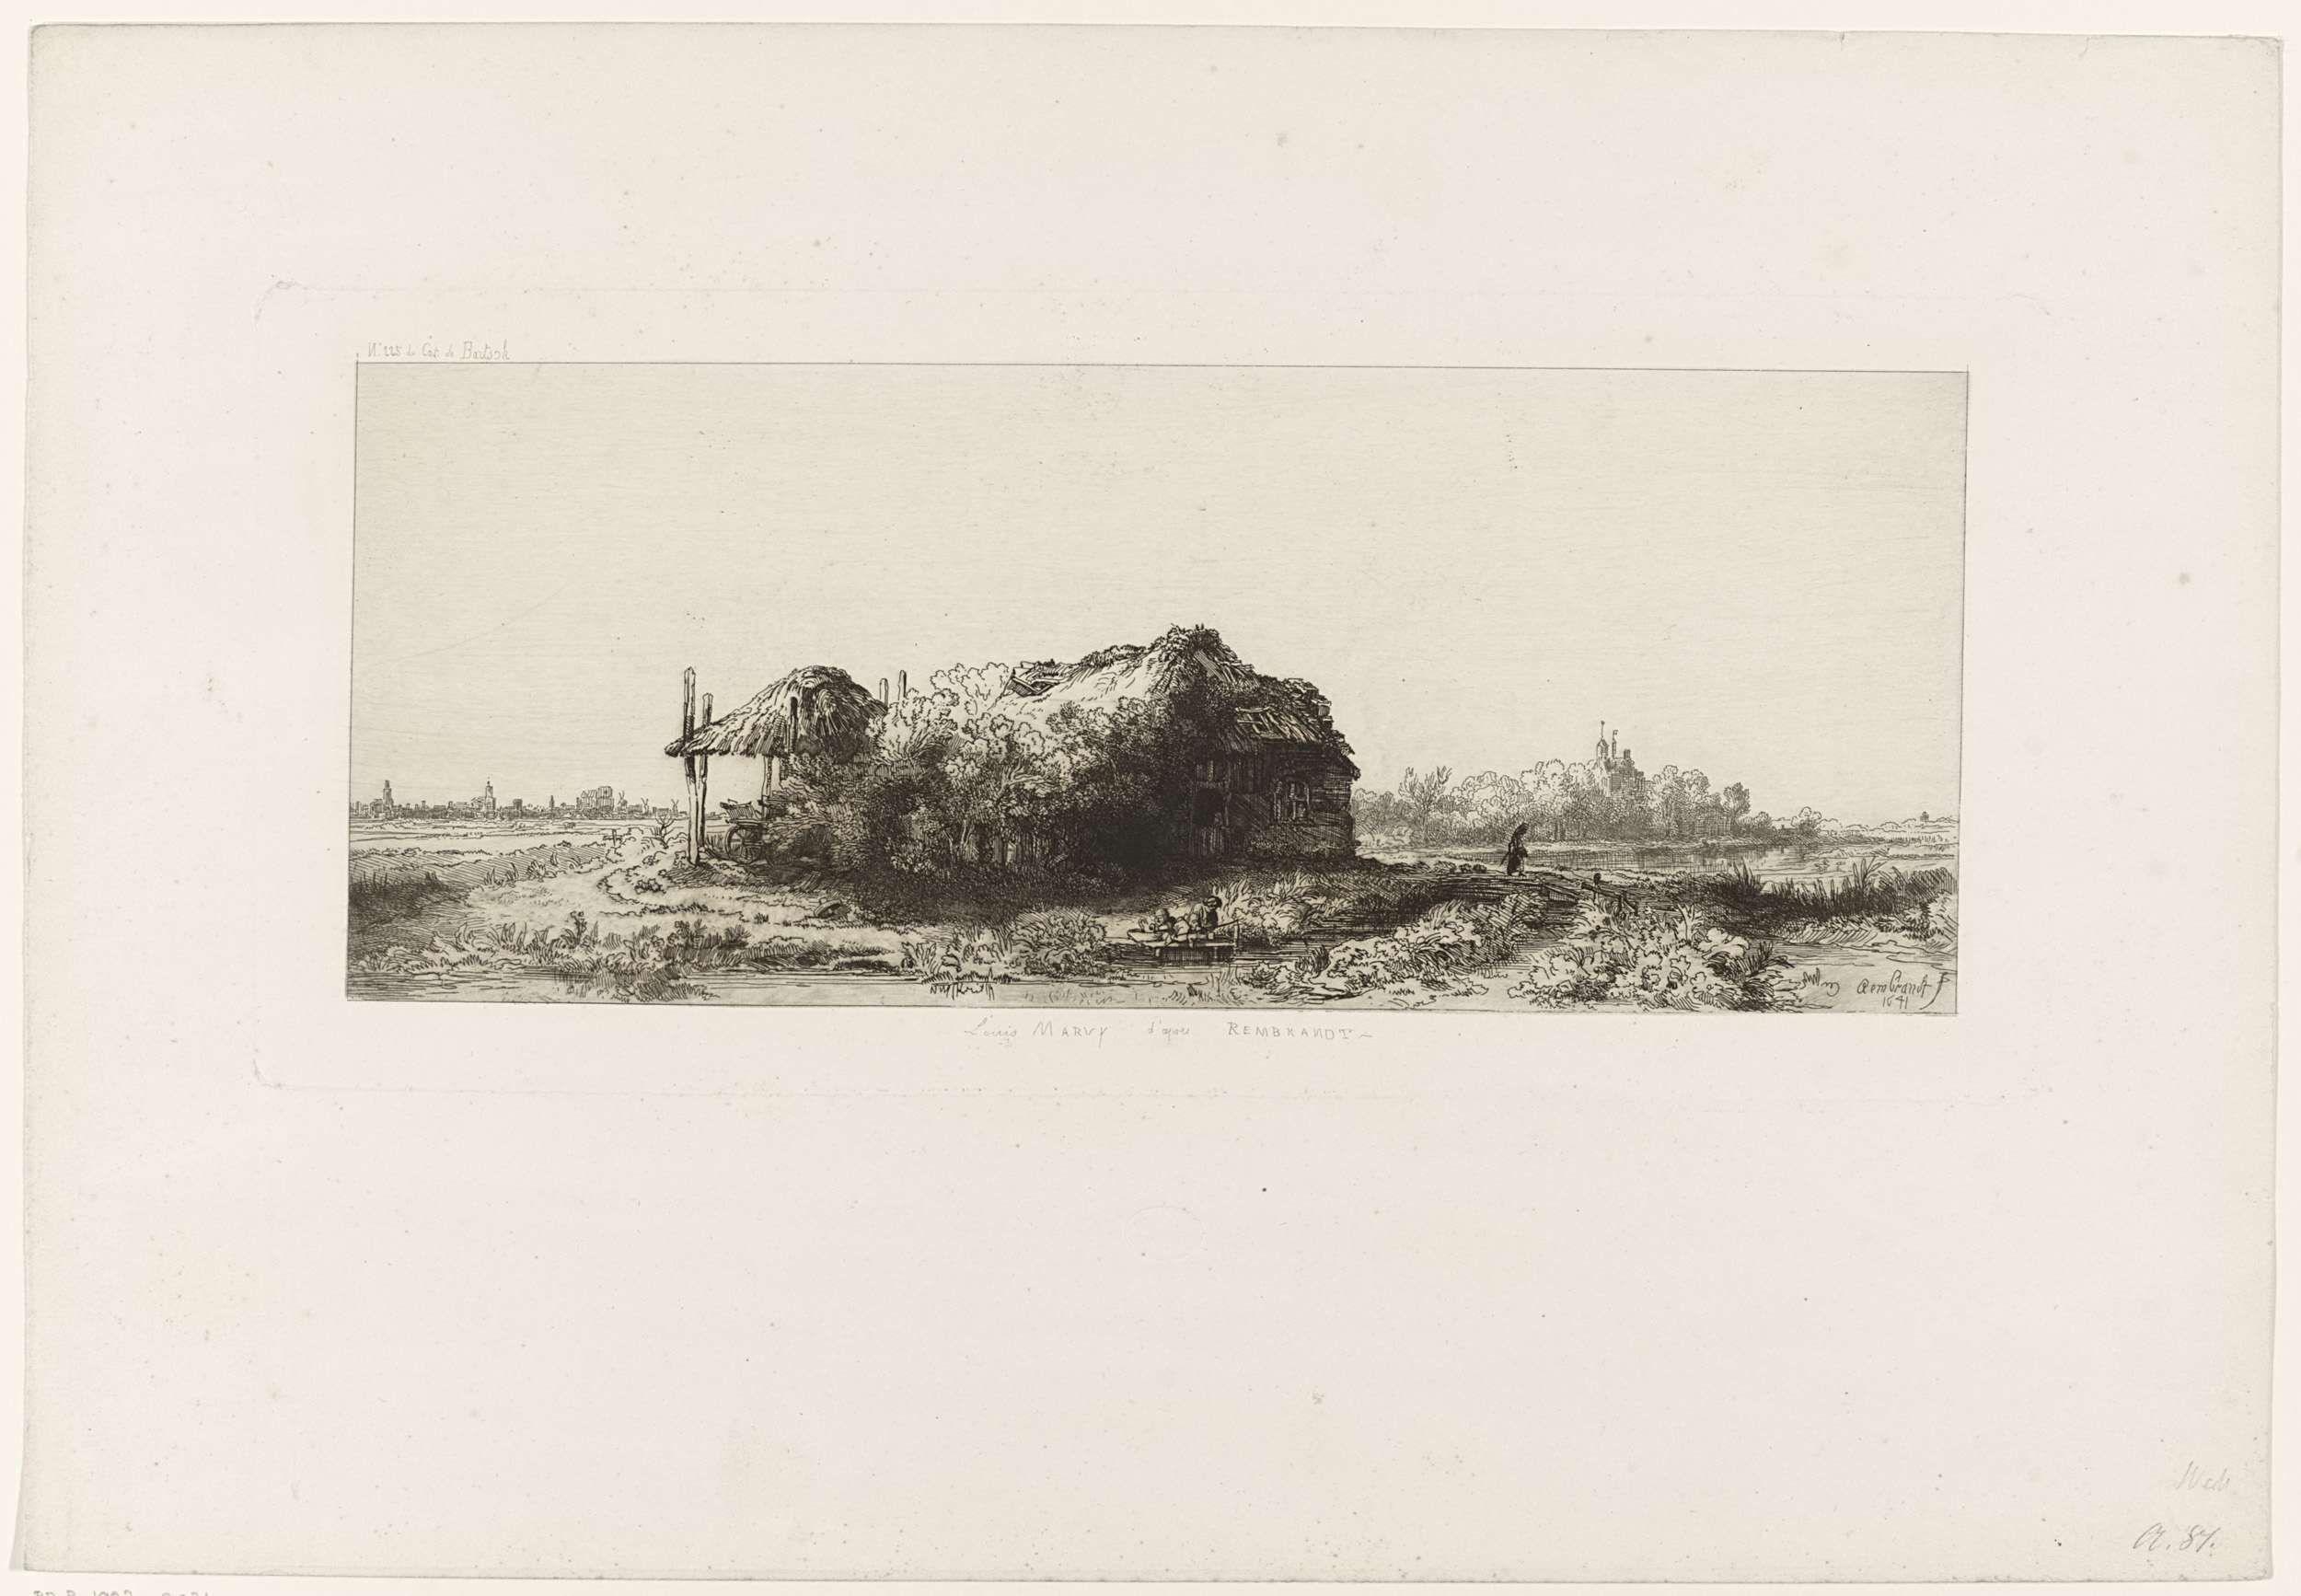 Louis Marvy | Landschap. Naar Rembrandt, Louis Marvy, Rembrandt Harmensz. van Rijn, 1825 - 1850 |